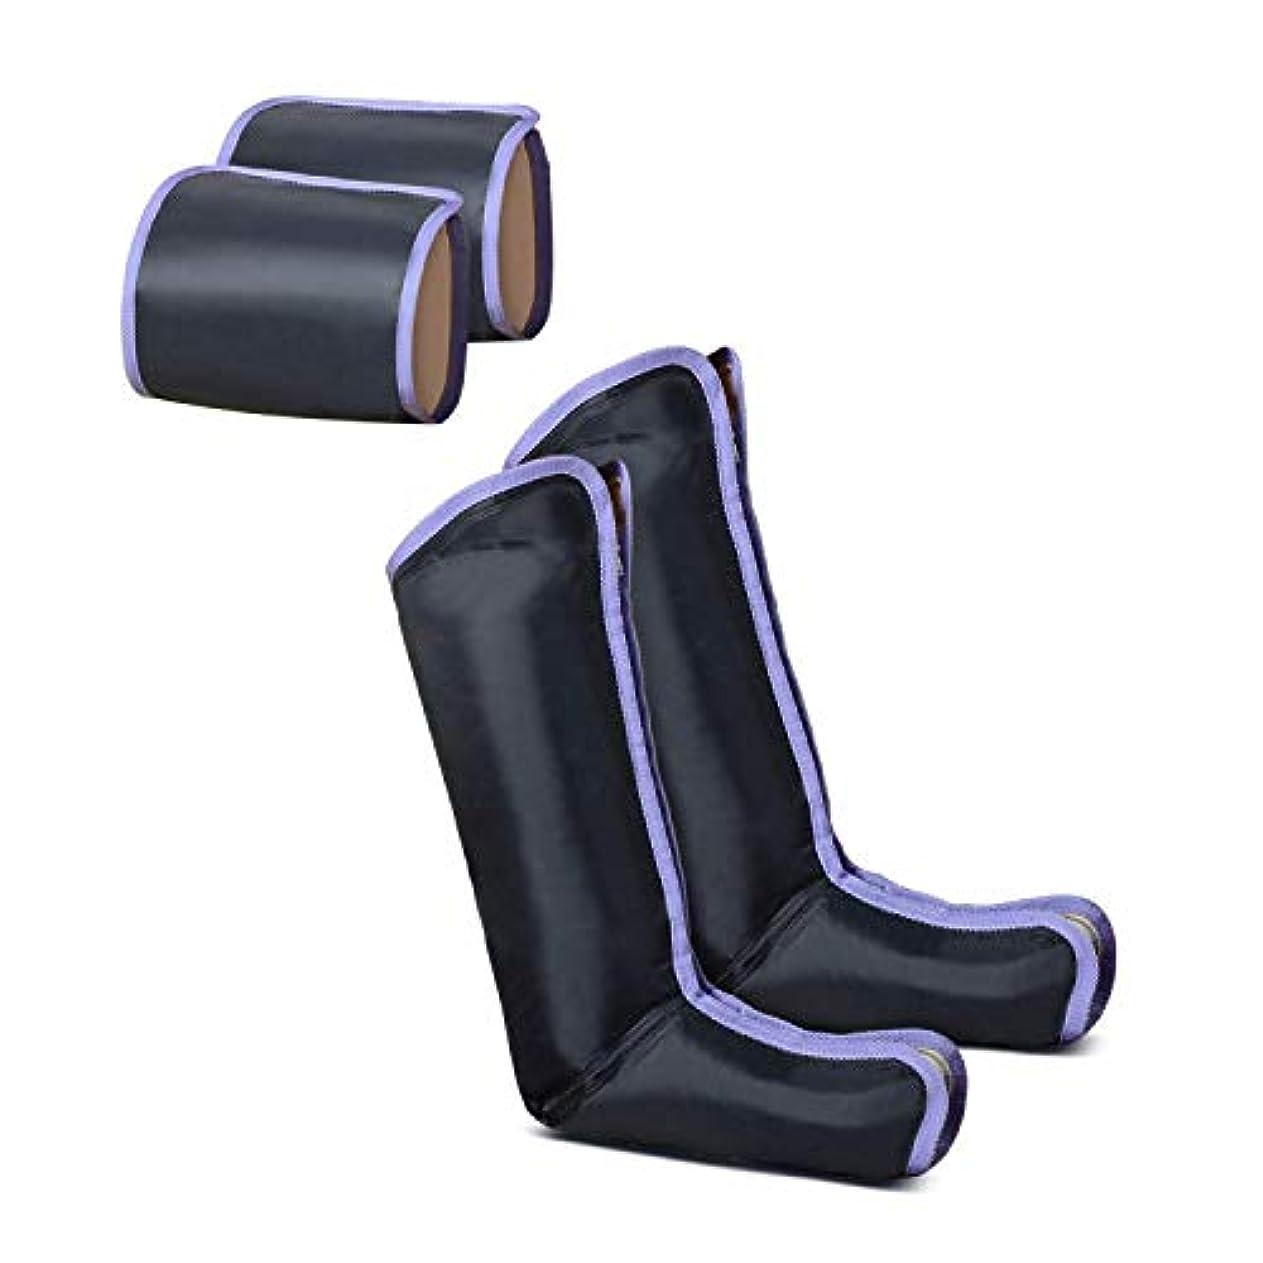 メタリック艶仕事に行くSOLIN エアーマッサージャー 電気マッサージ機 ひざ 太もも対応 血行の促進